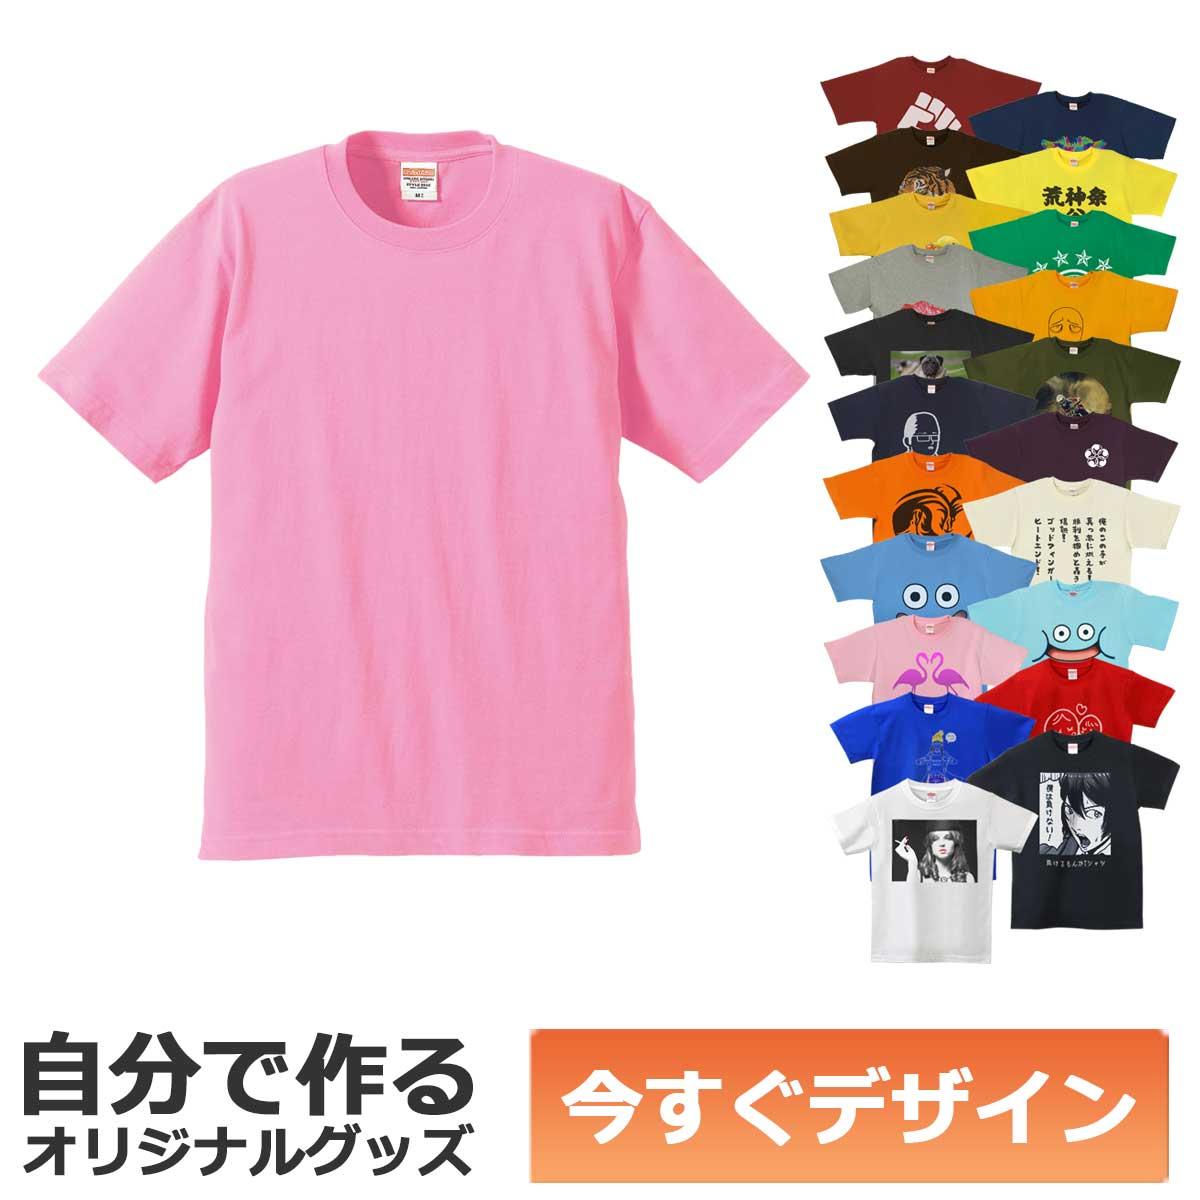 あす楽 安い 名入れ 両面OK ギフト ペア プレゼント チームTシャツ 即納可能 1枚から作れる プレミアム Tシャツ 自分でデザイン 6.2oz ピンク メール便可 オリジナル